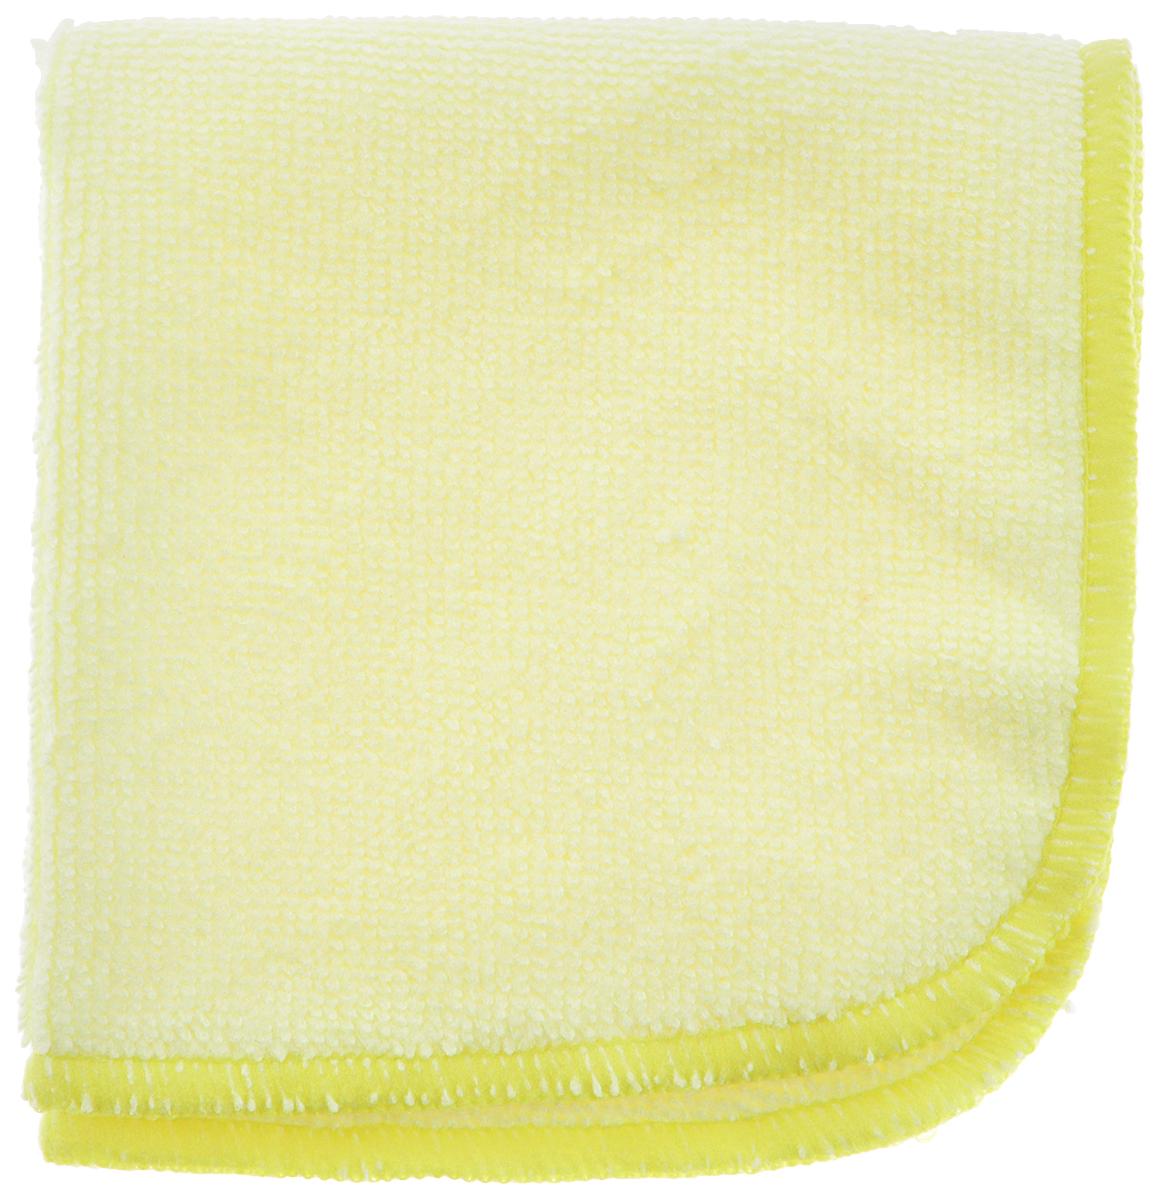 Салфетка для уборки Meule Standard, универсальная, цвет: светло-желтый, 25 х 25 см4607009241104Салфетка Meule Standard выполнена из высококачественной микрофибры (80% полиэстер, 20% полиамид). Изделие может использоваться как для сухой, так и для влажной уборки. Деликатно очищает любые виды поверхности, не оставляет следов и разводов. Идеально впитывает влагу, удаляет загрязнения и пыль, а также подходит для протирки полированной мебели. Сохраняет свои свойства после стирки.